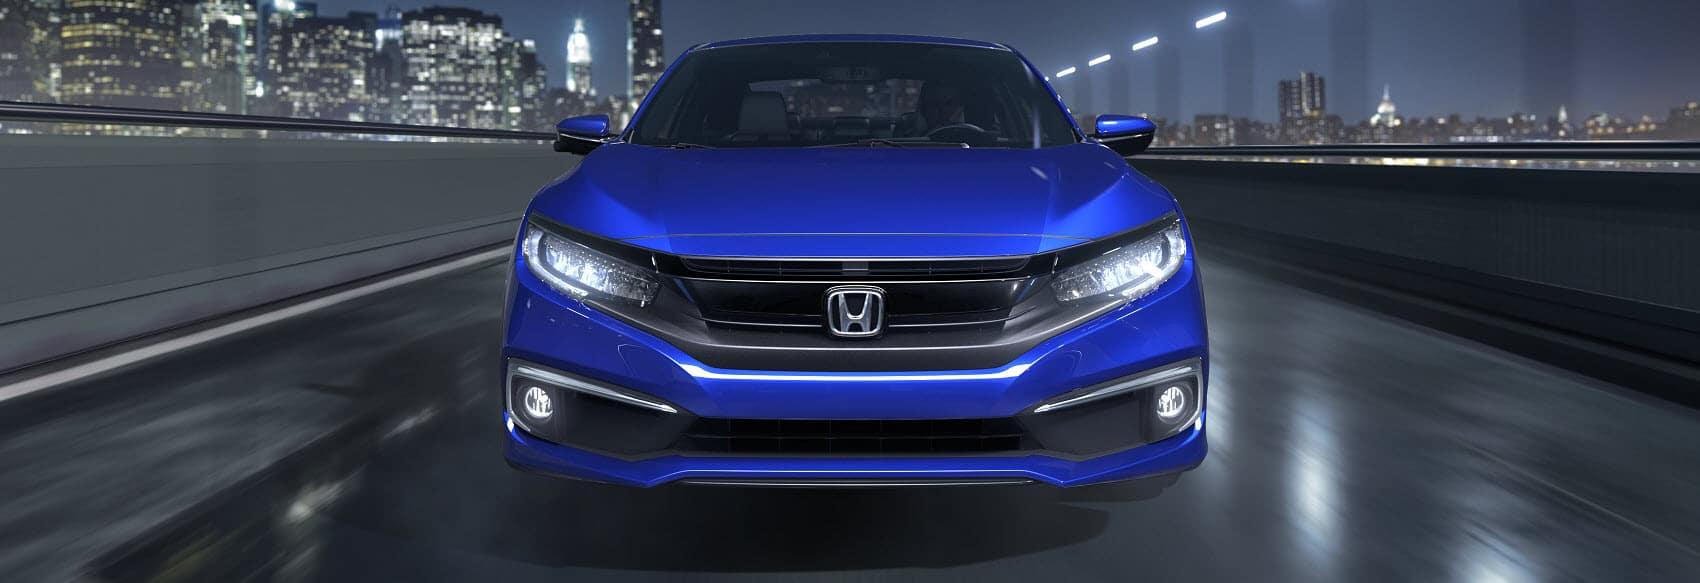 Honda Civic Lease